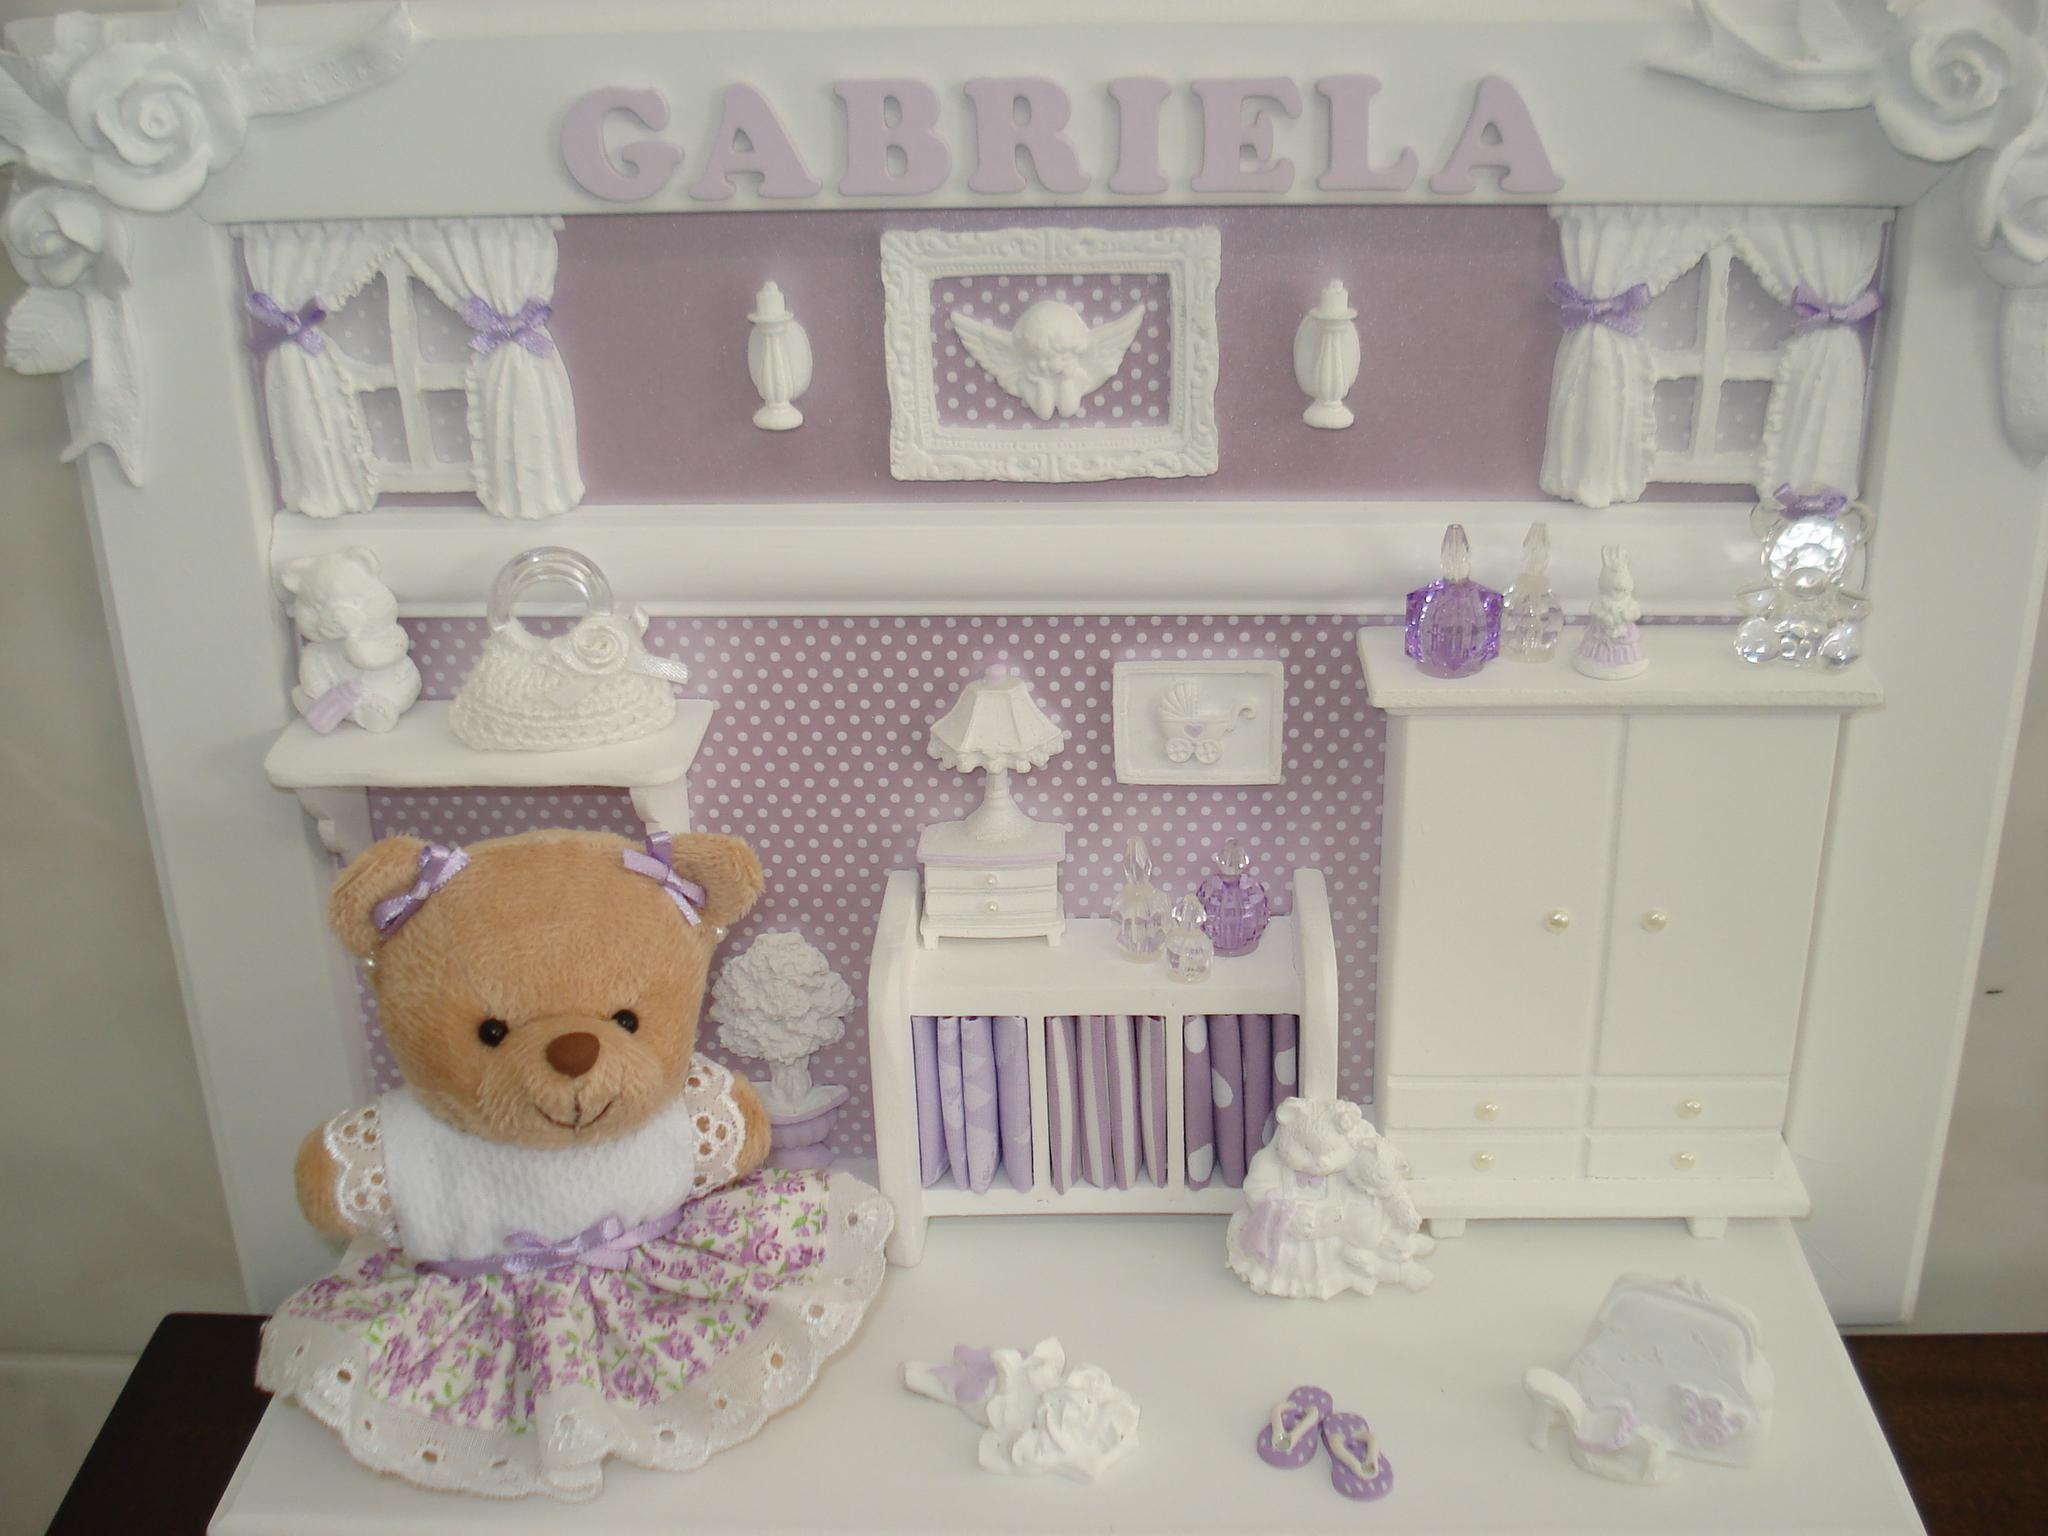 Decoracao Quarto Infantil Londrina ~   maternidade decoracao de quarto infantil decoracao de quarto infantil